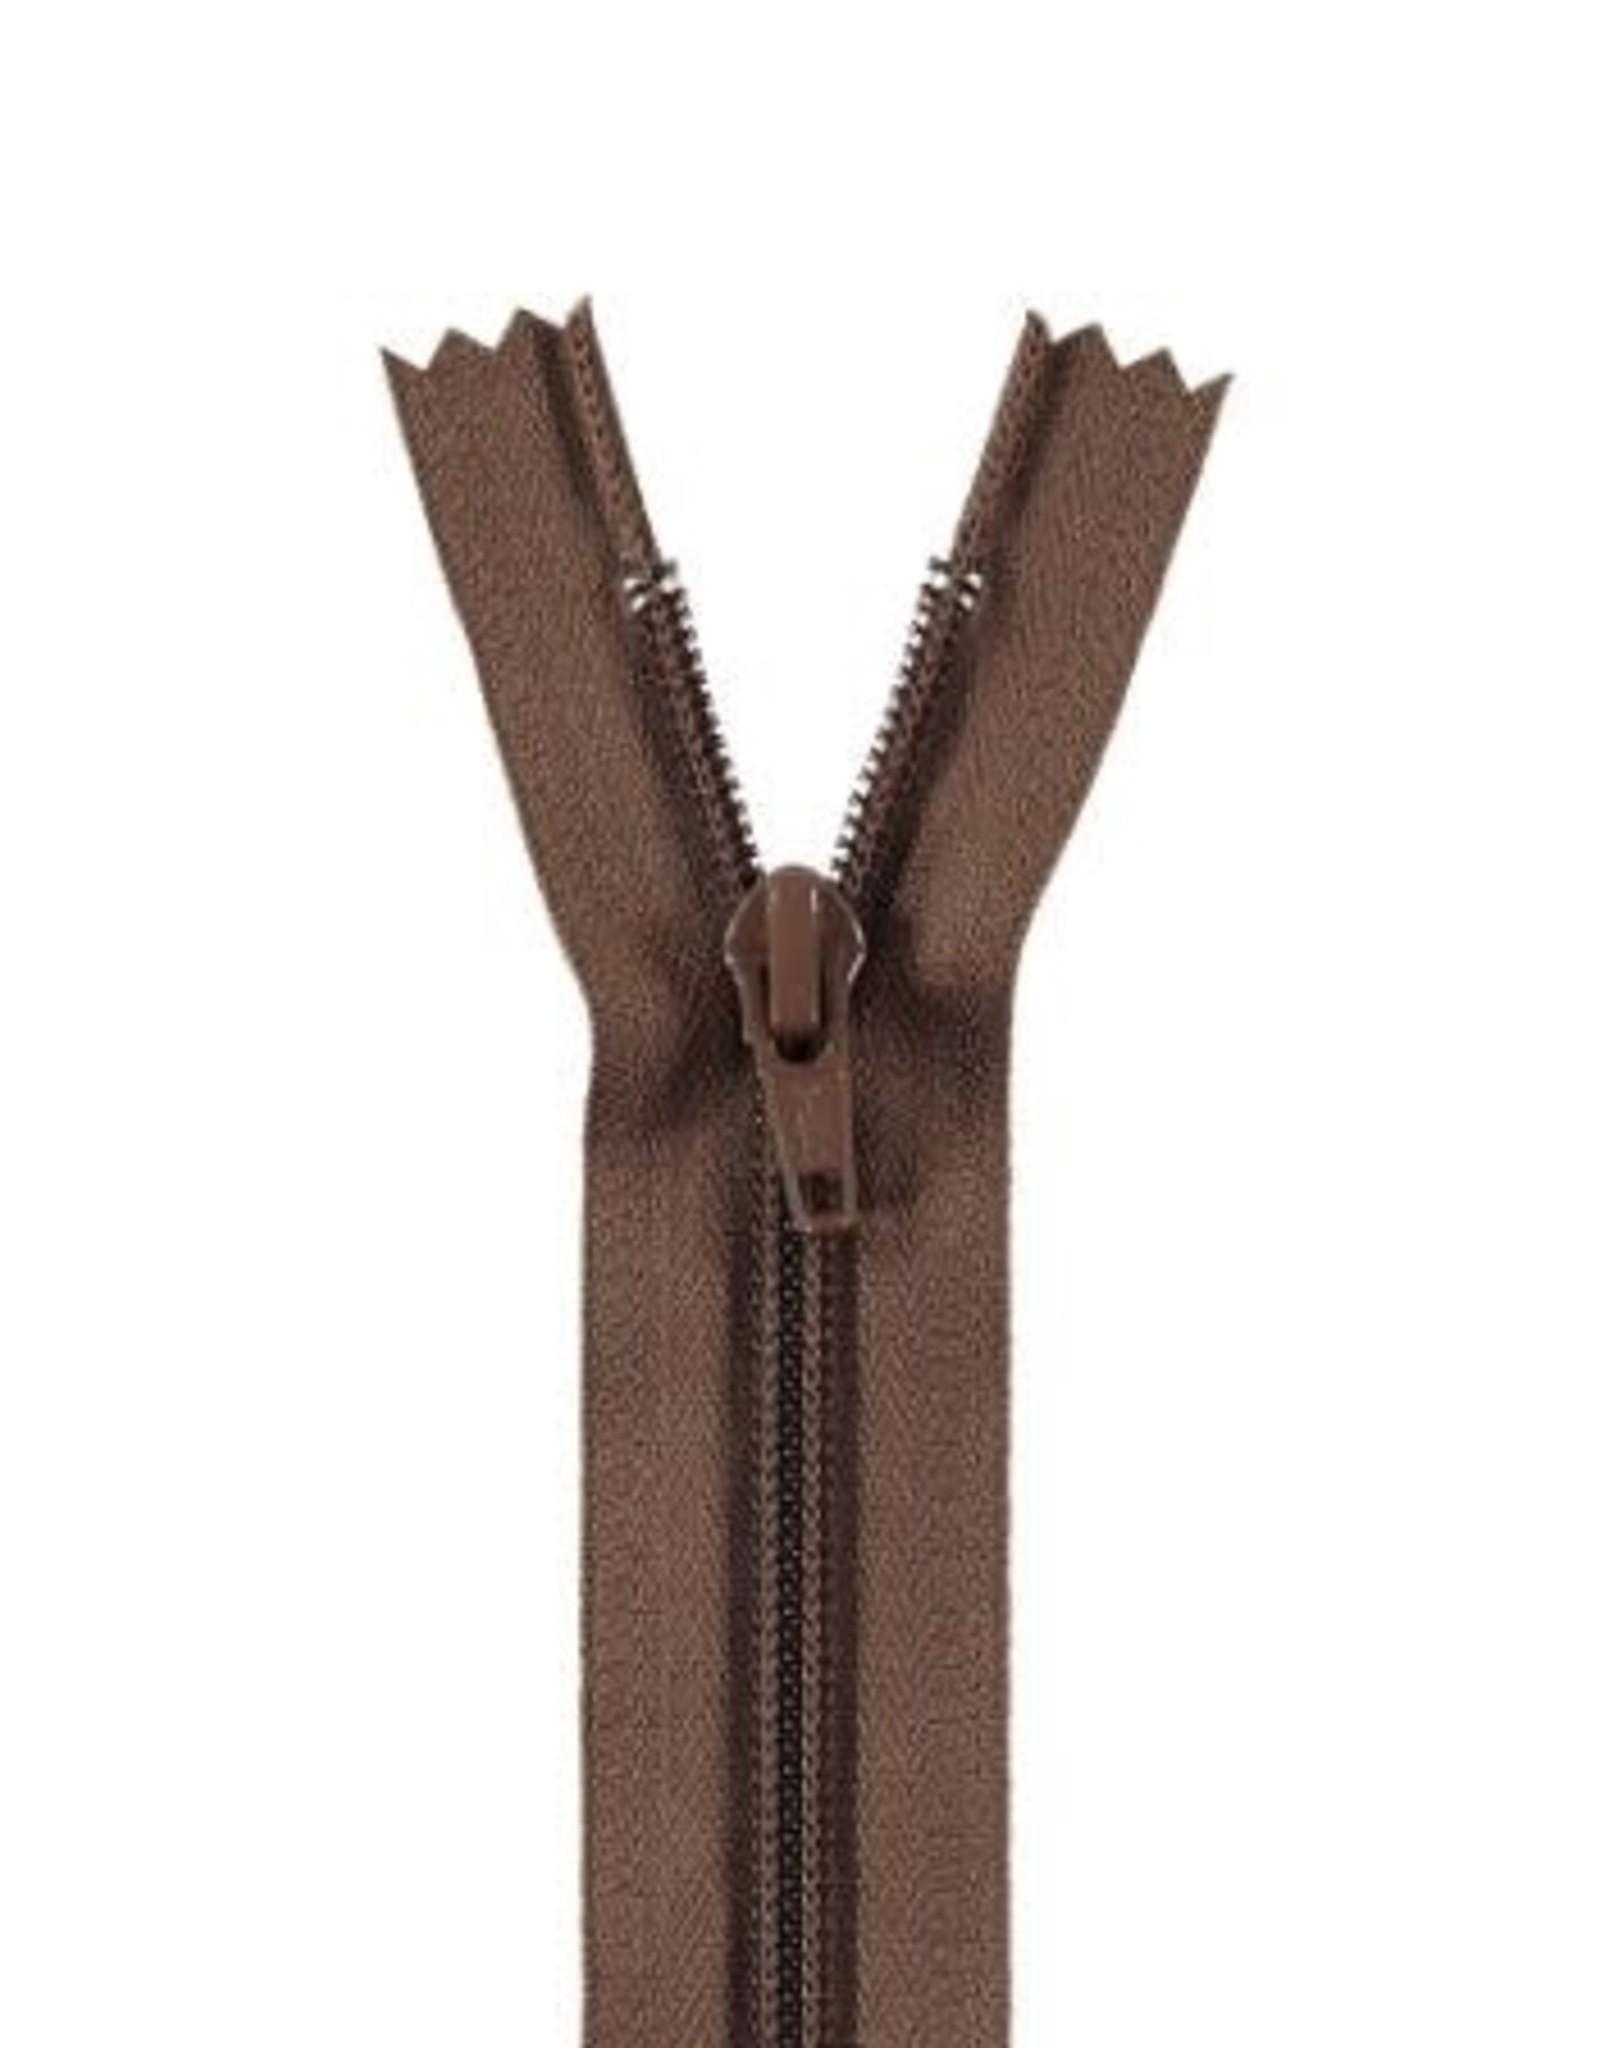 YKK Spiraalrits niet-DB 3mm bruin 568-30cm